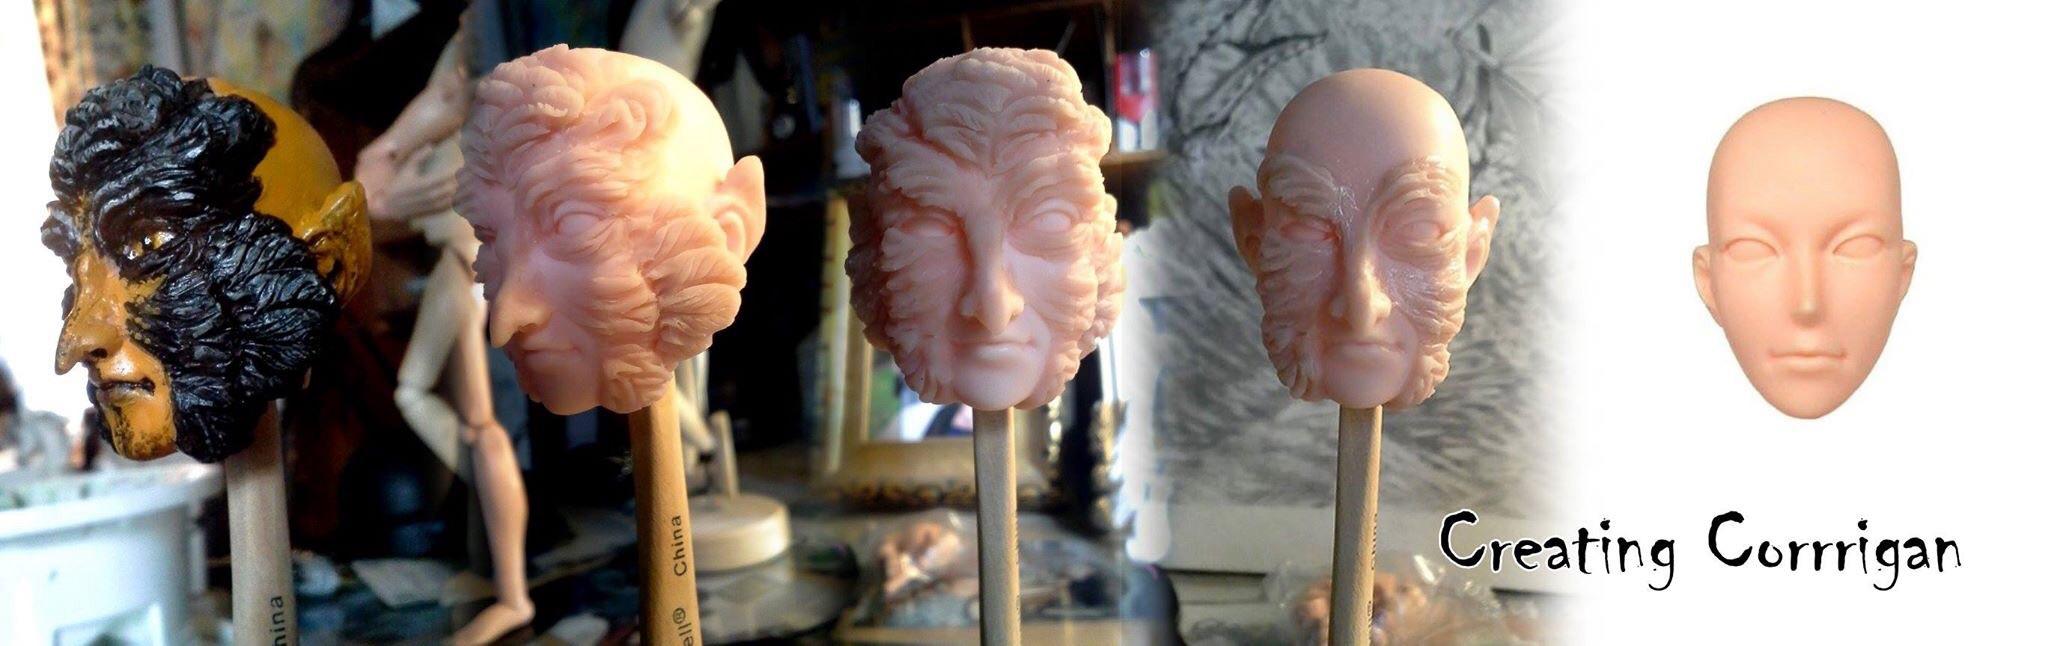 Corrigan Head Sculpt1 by bonbon3272